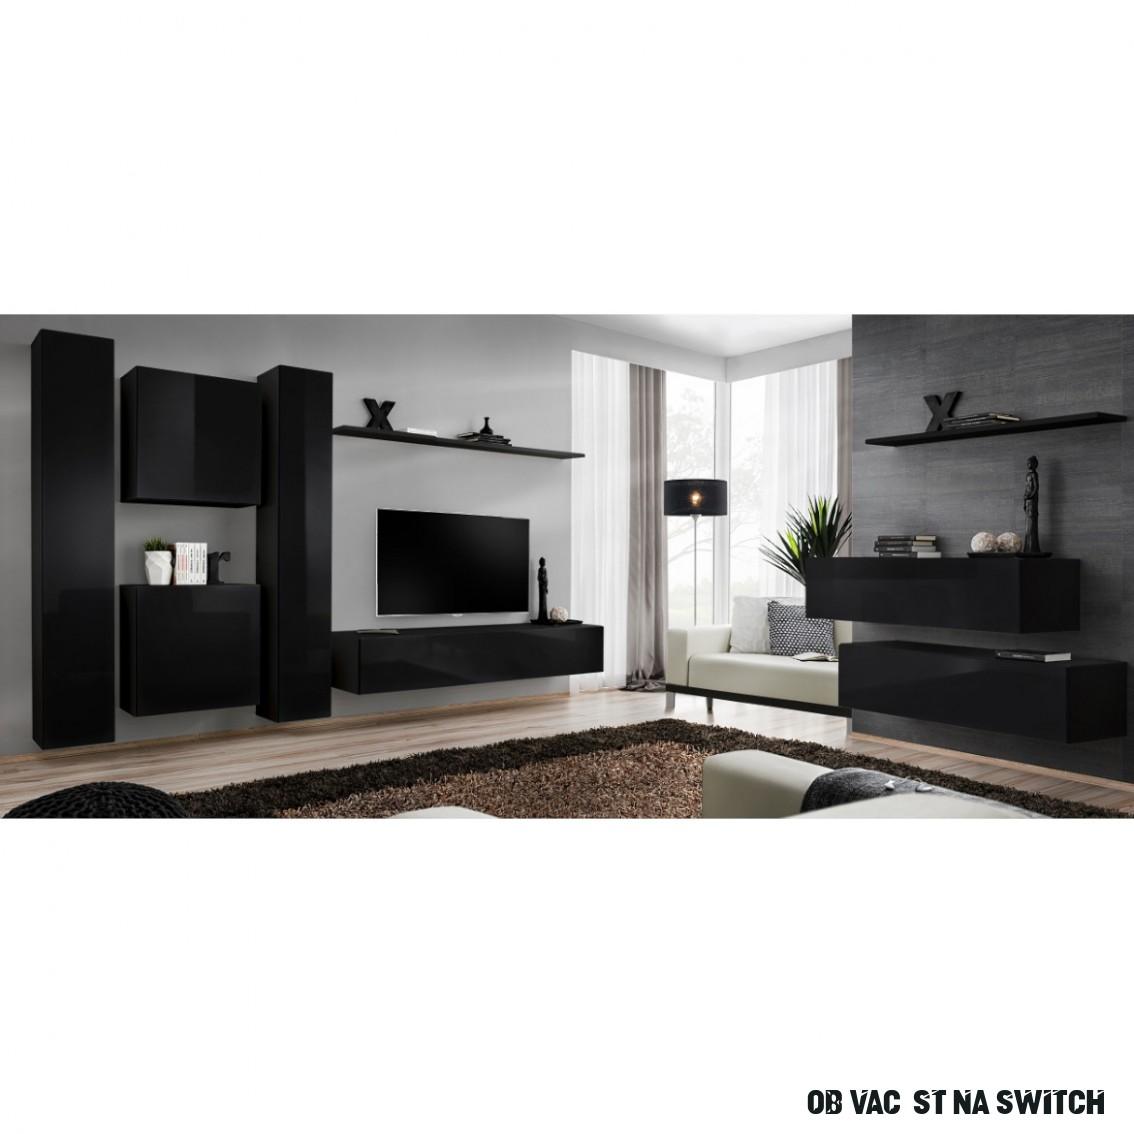 Obývací Stěna Switch VI Černá